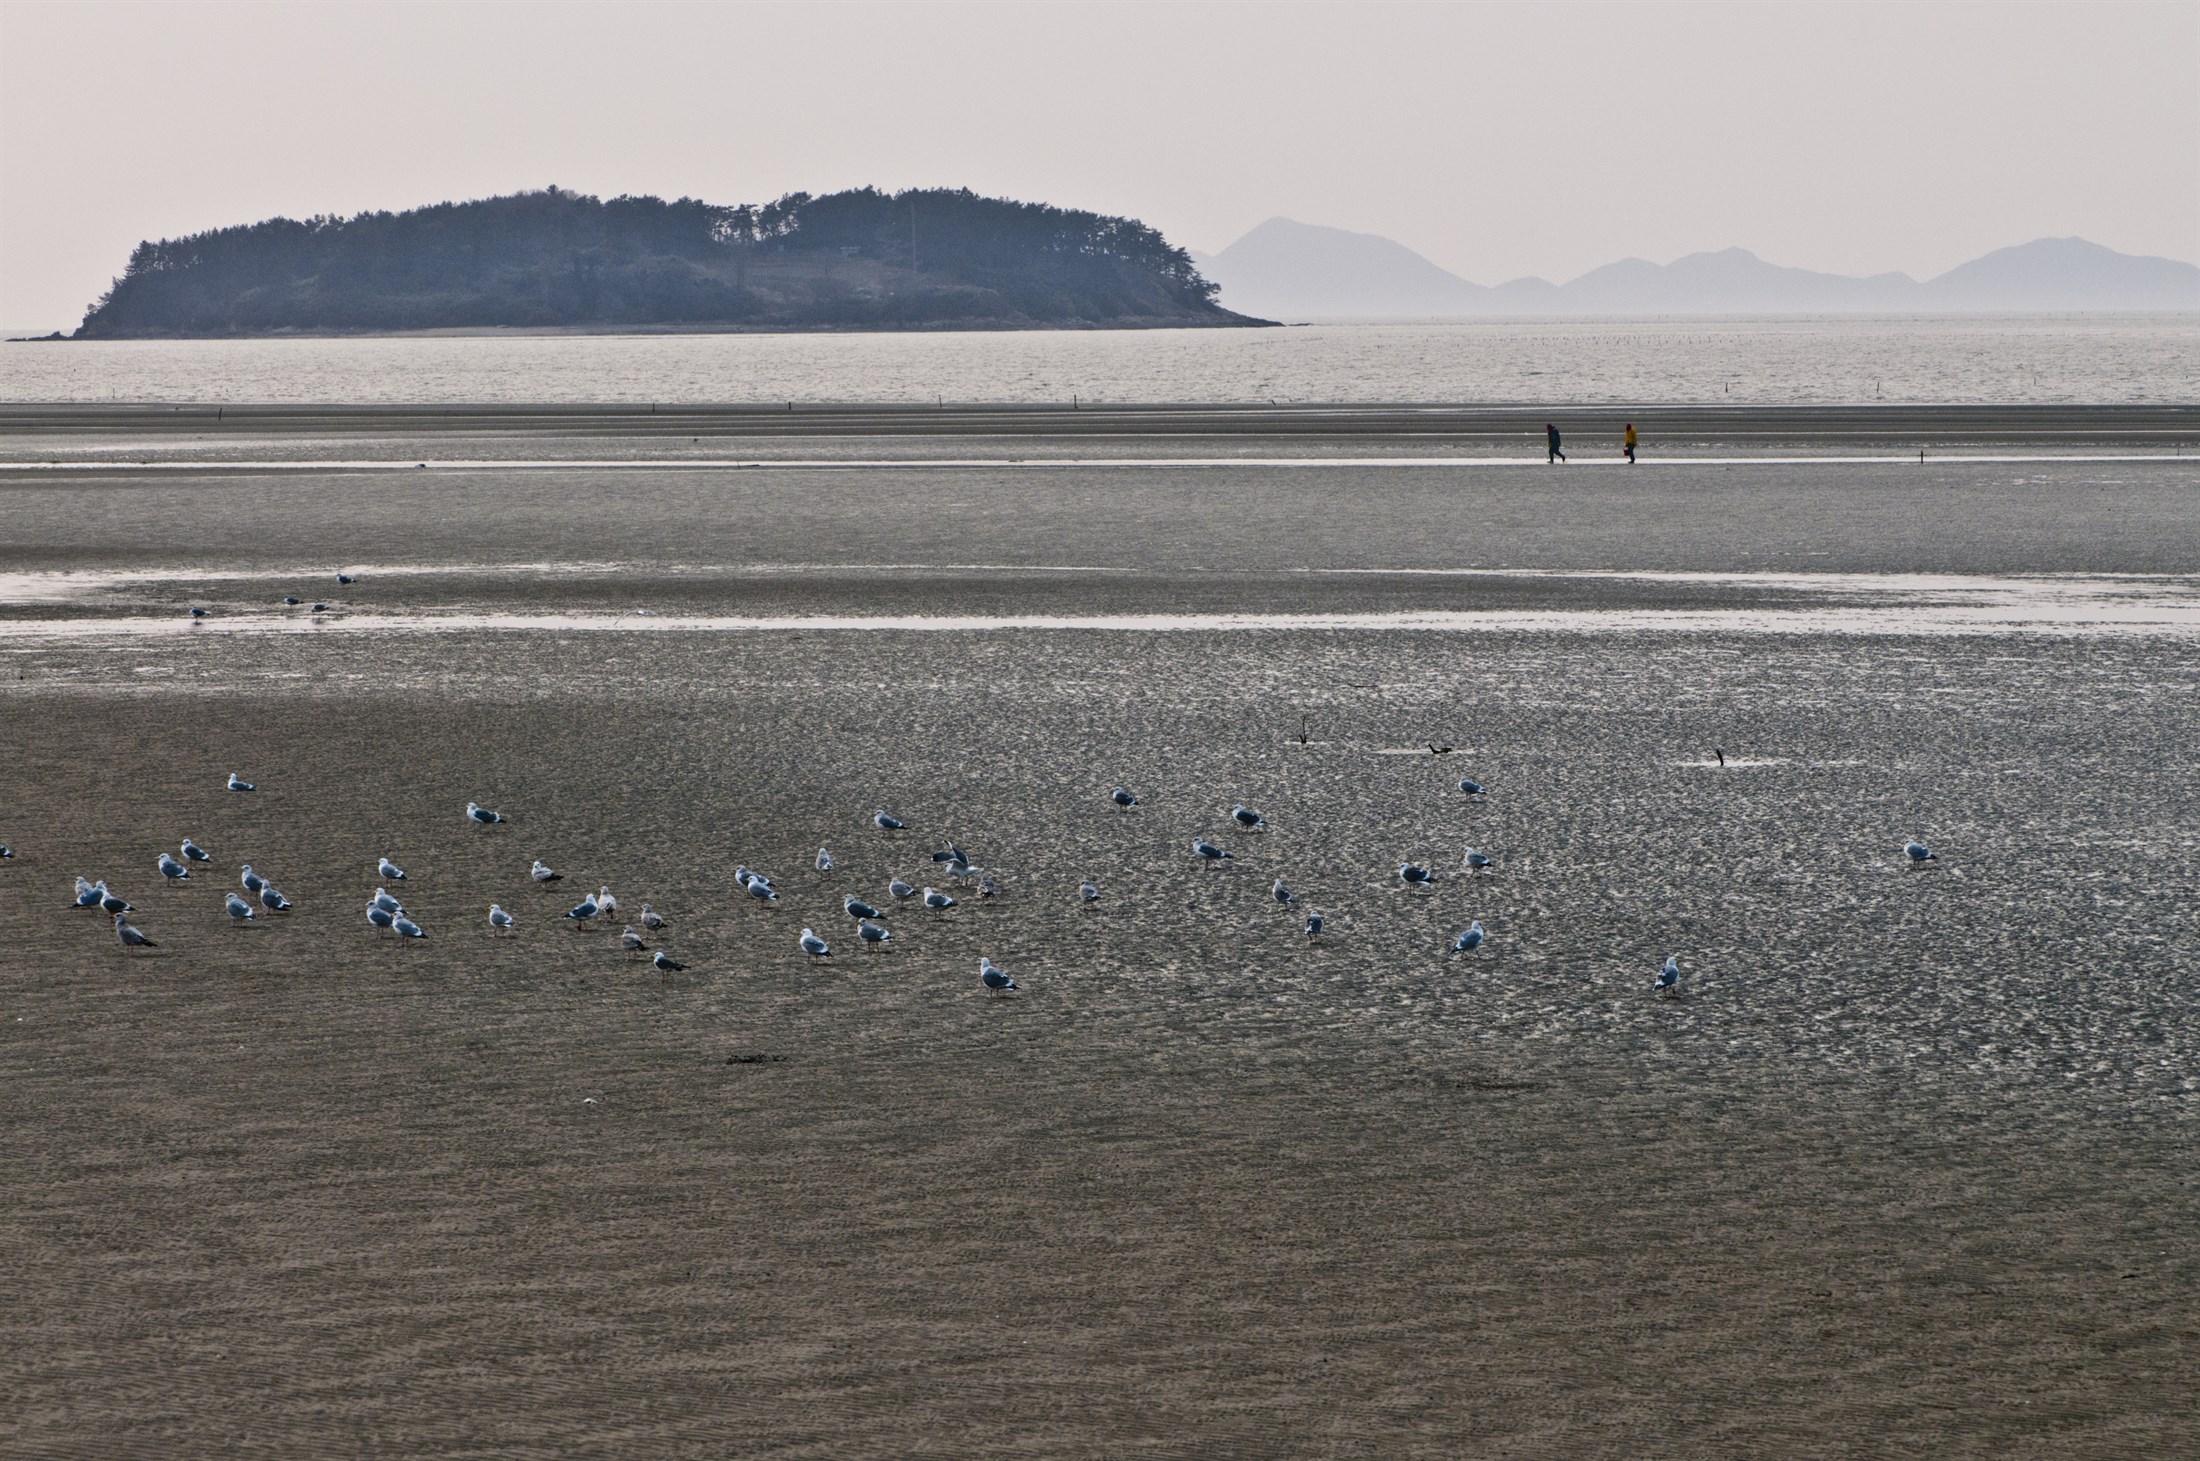 tidal-flats-south-korea-west-coast_f90d-2200x1461px